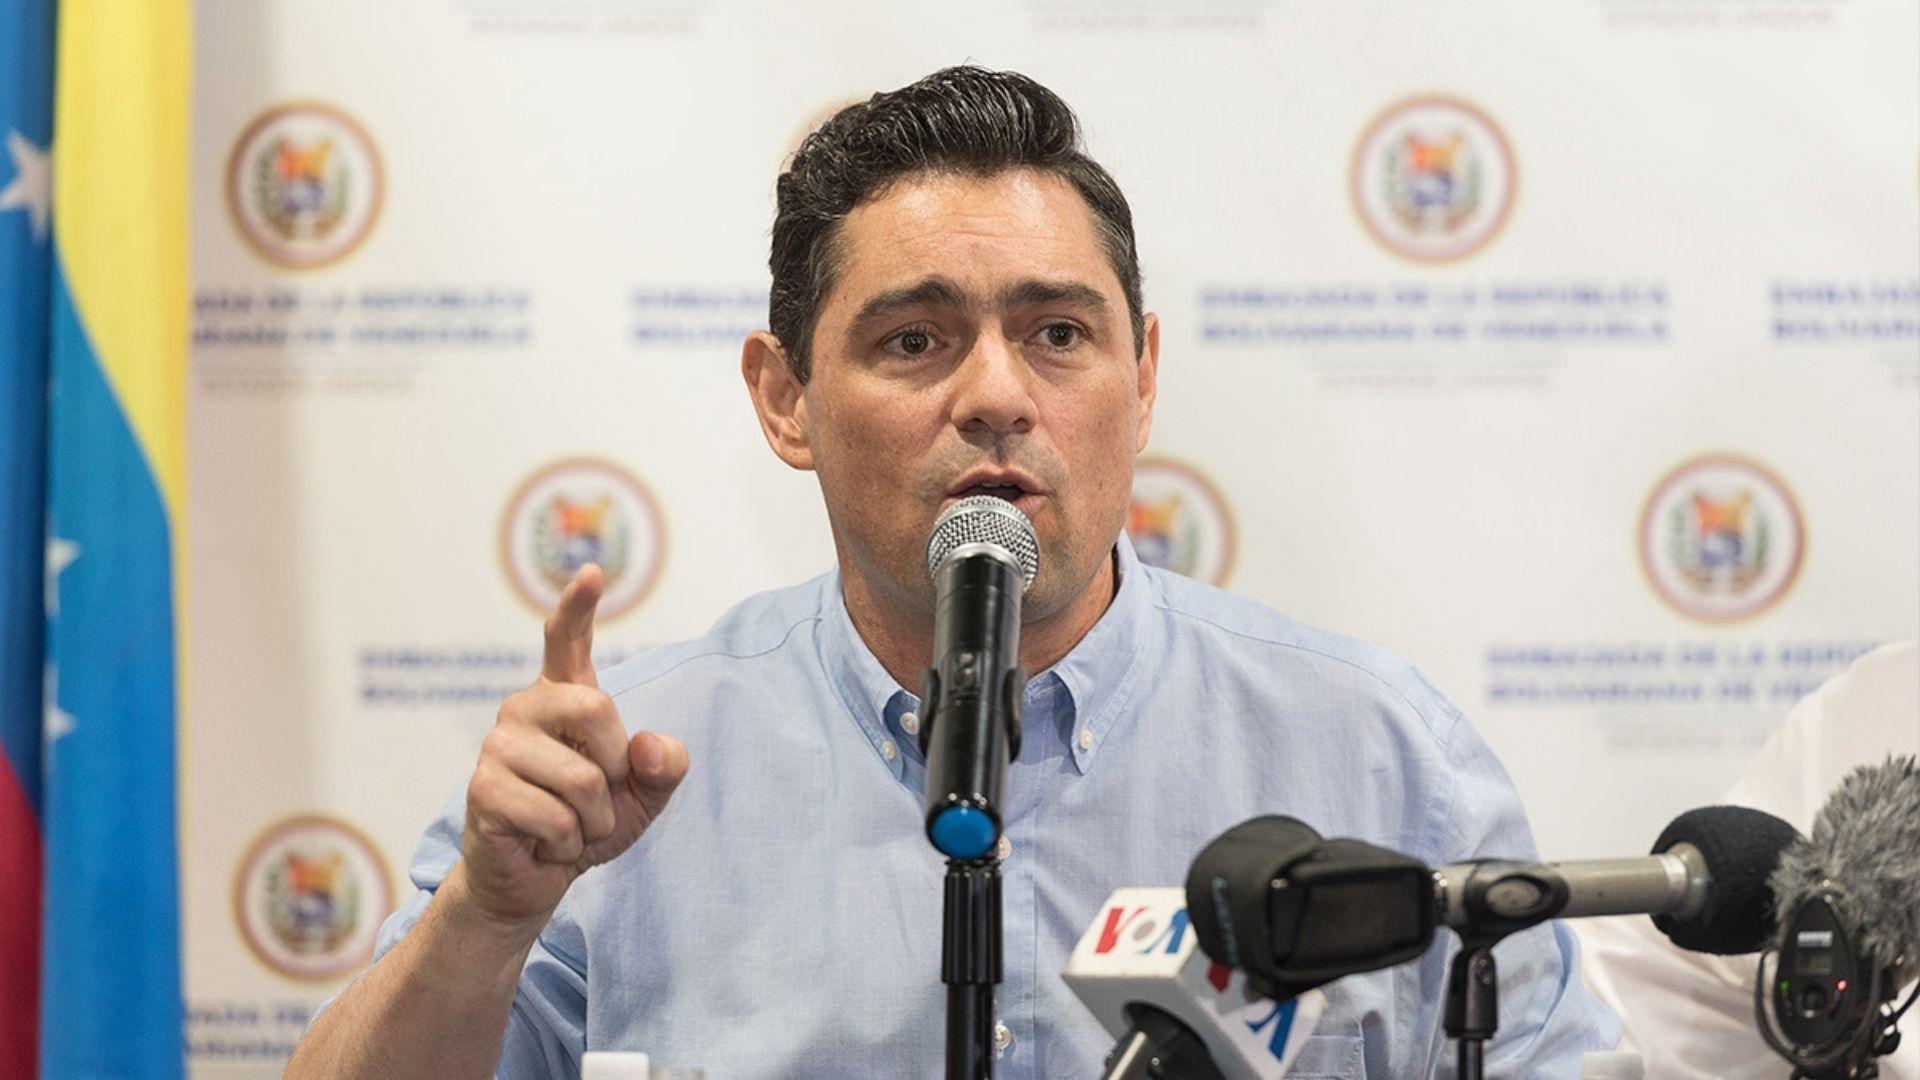 Vecchio espera que para marzo se apruebe el TPS para venezolanos en EEUU